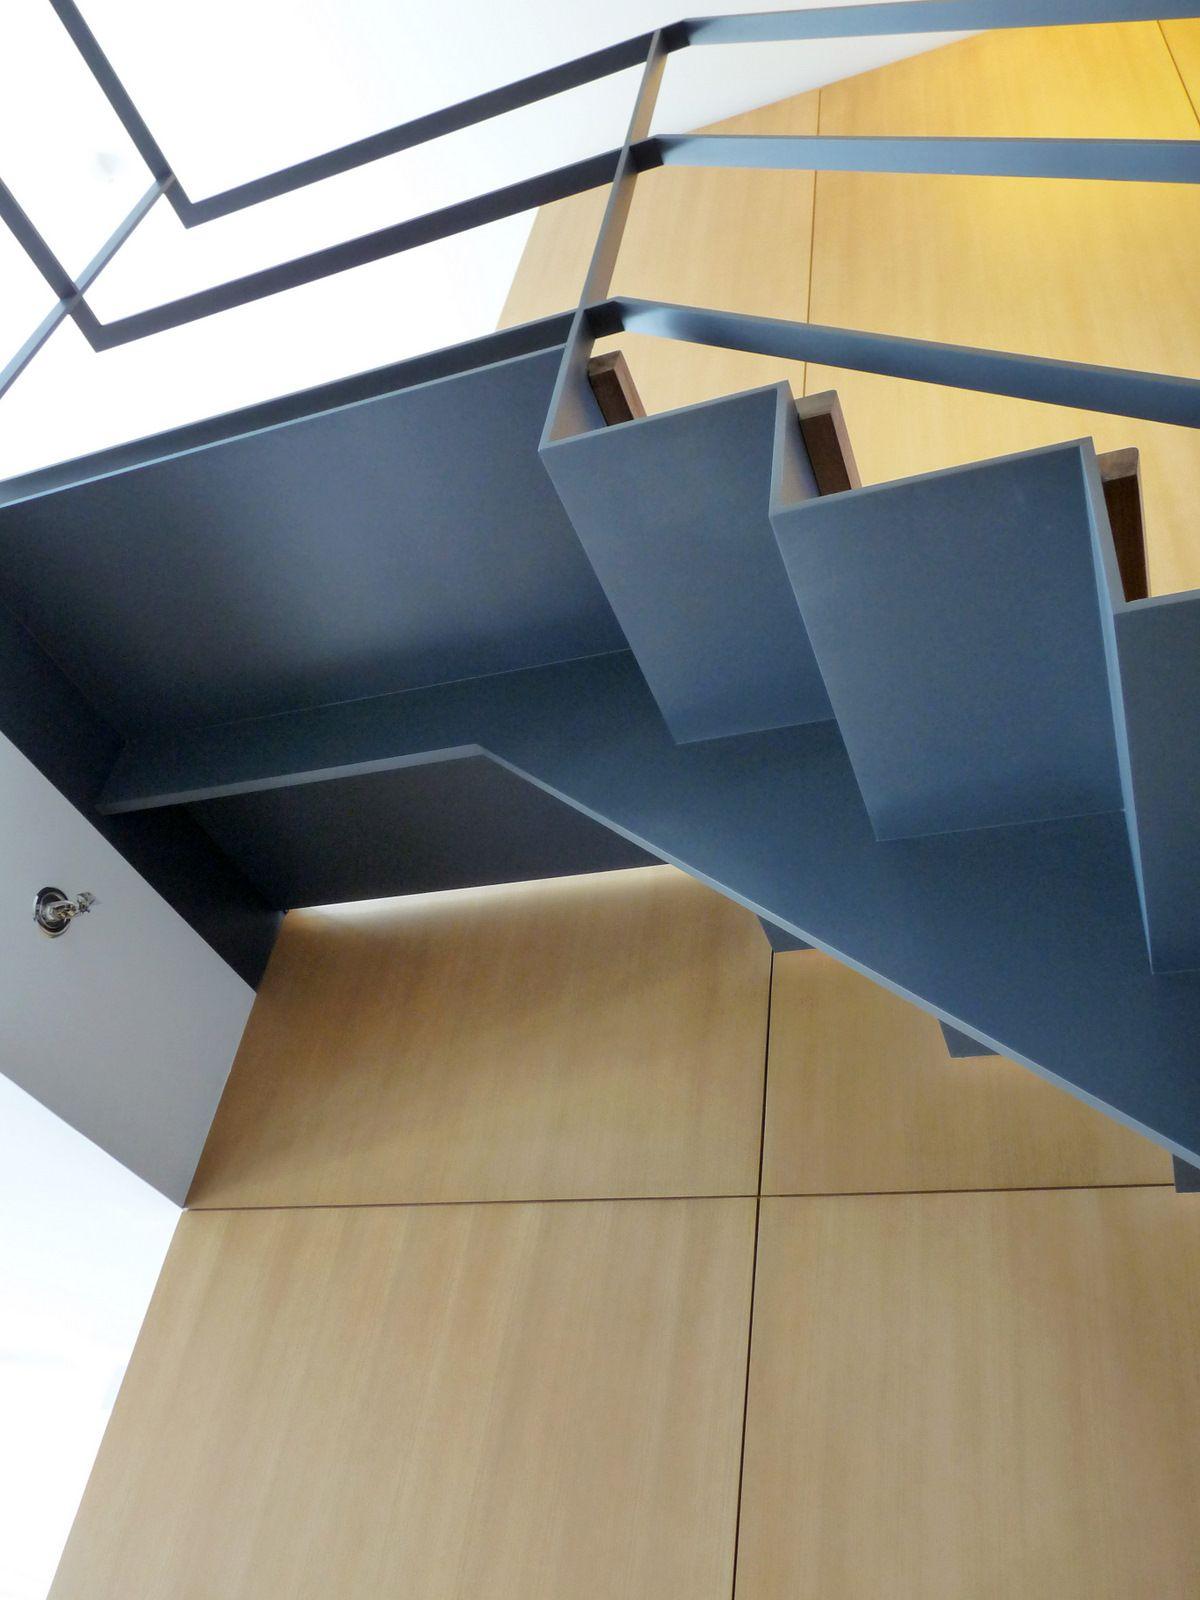 Folded Plate Stair Caliper Studio Steel Stairs Design Steel Stairs Stairway Design